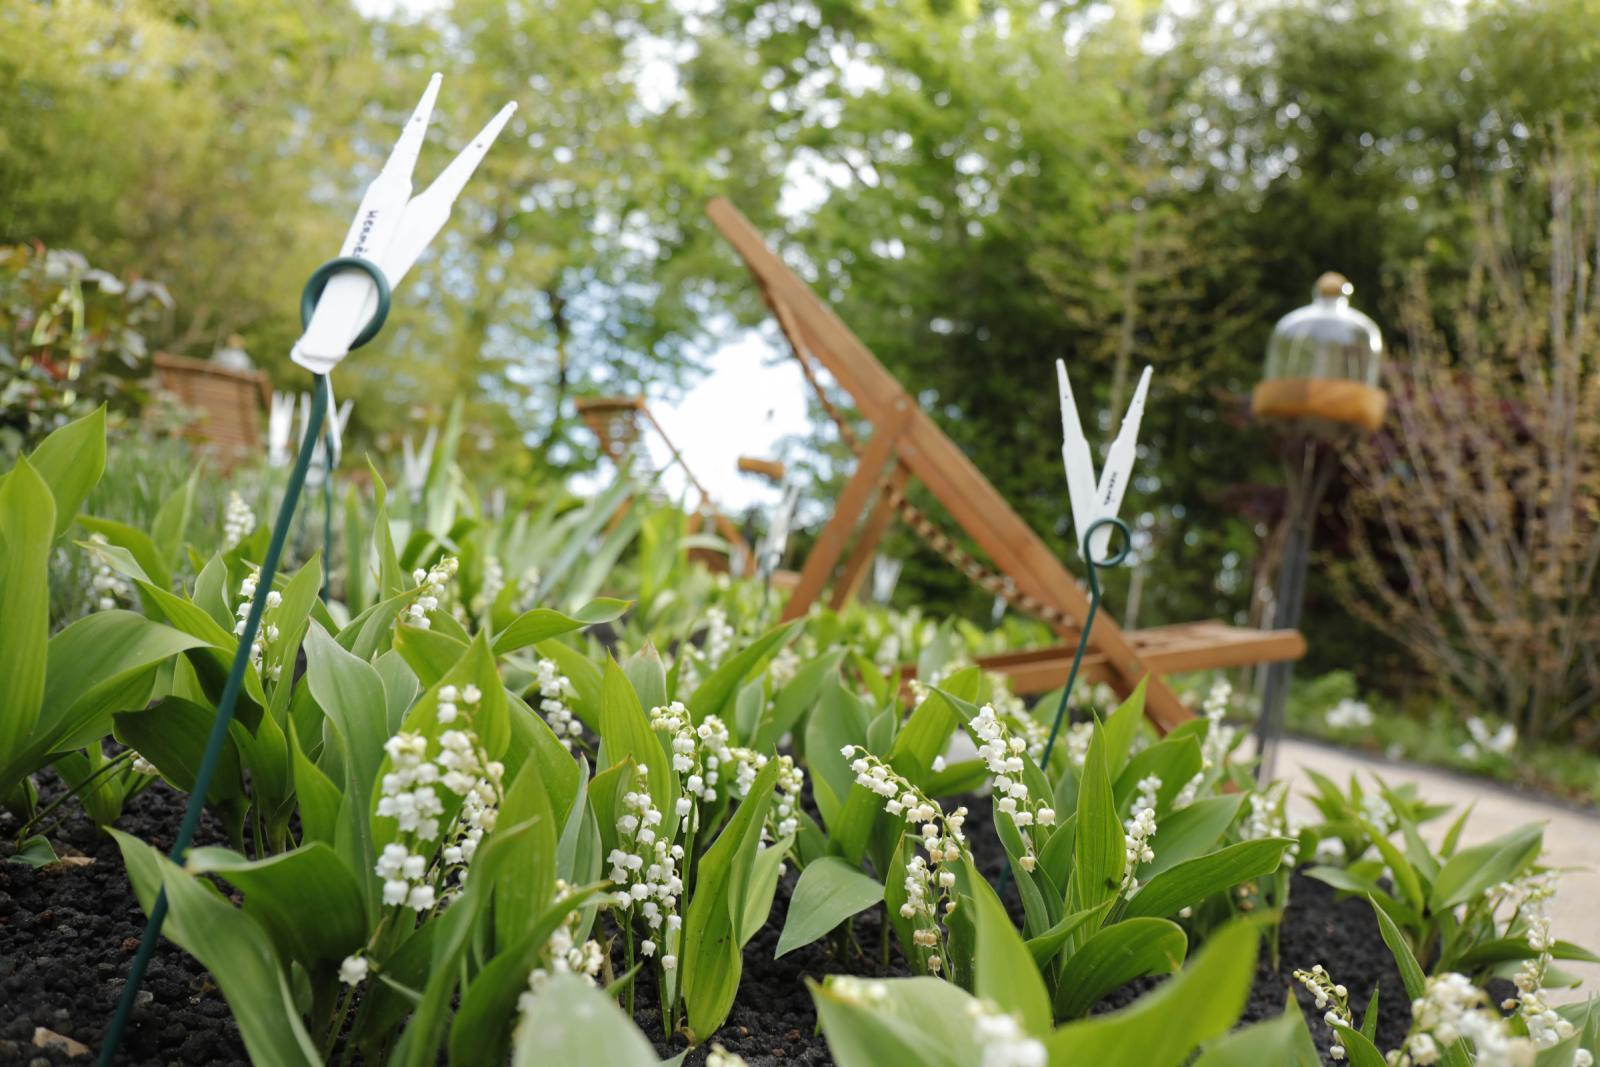 Le jardin du parfumeur domaine de chaumont sur loire for Le jardin du maraicher 91